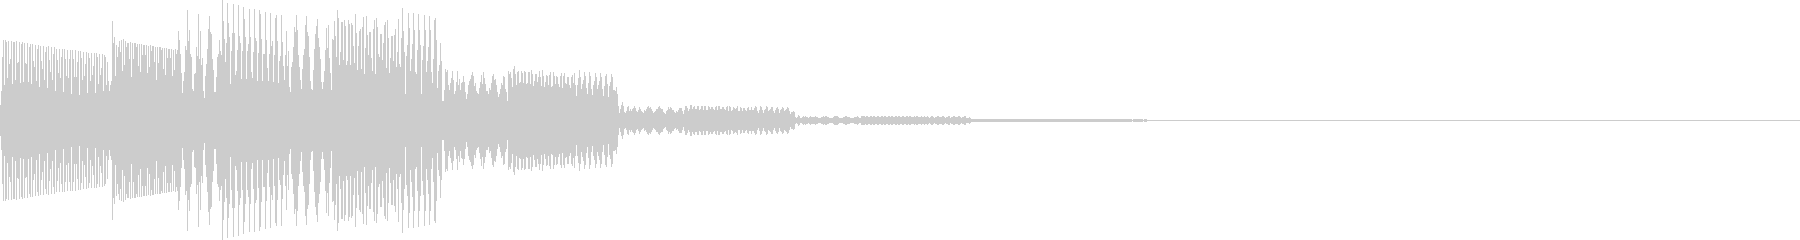 ピロロロン(決定、スワイプ、パスワード)の未再生の波形